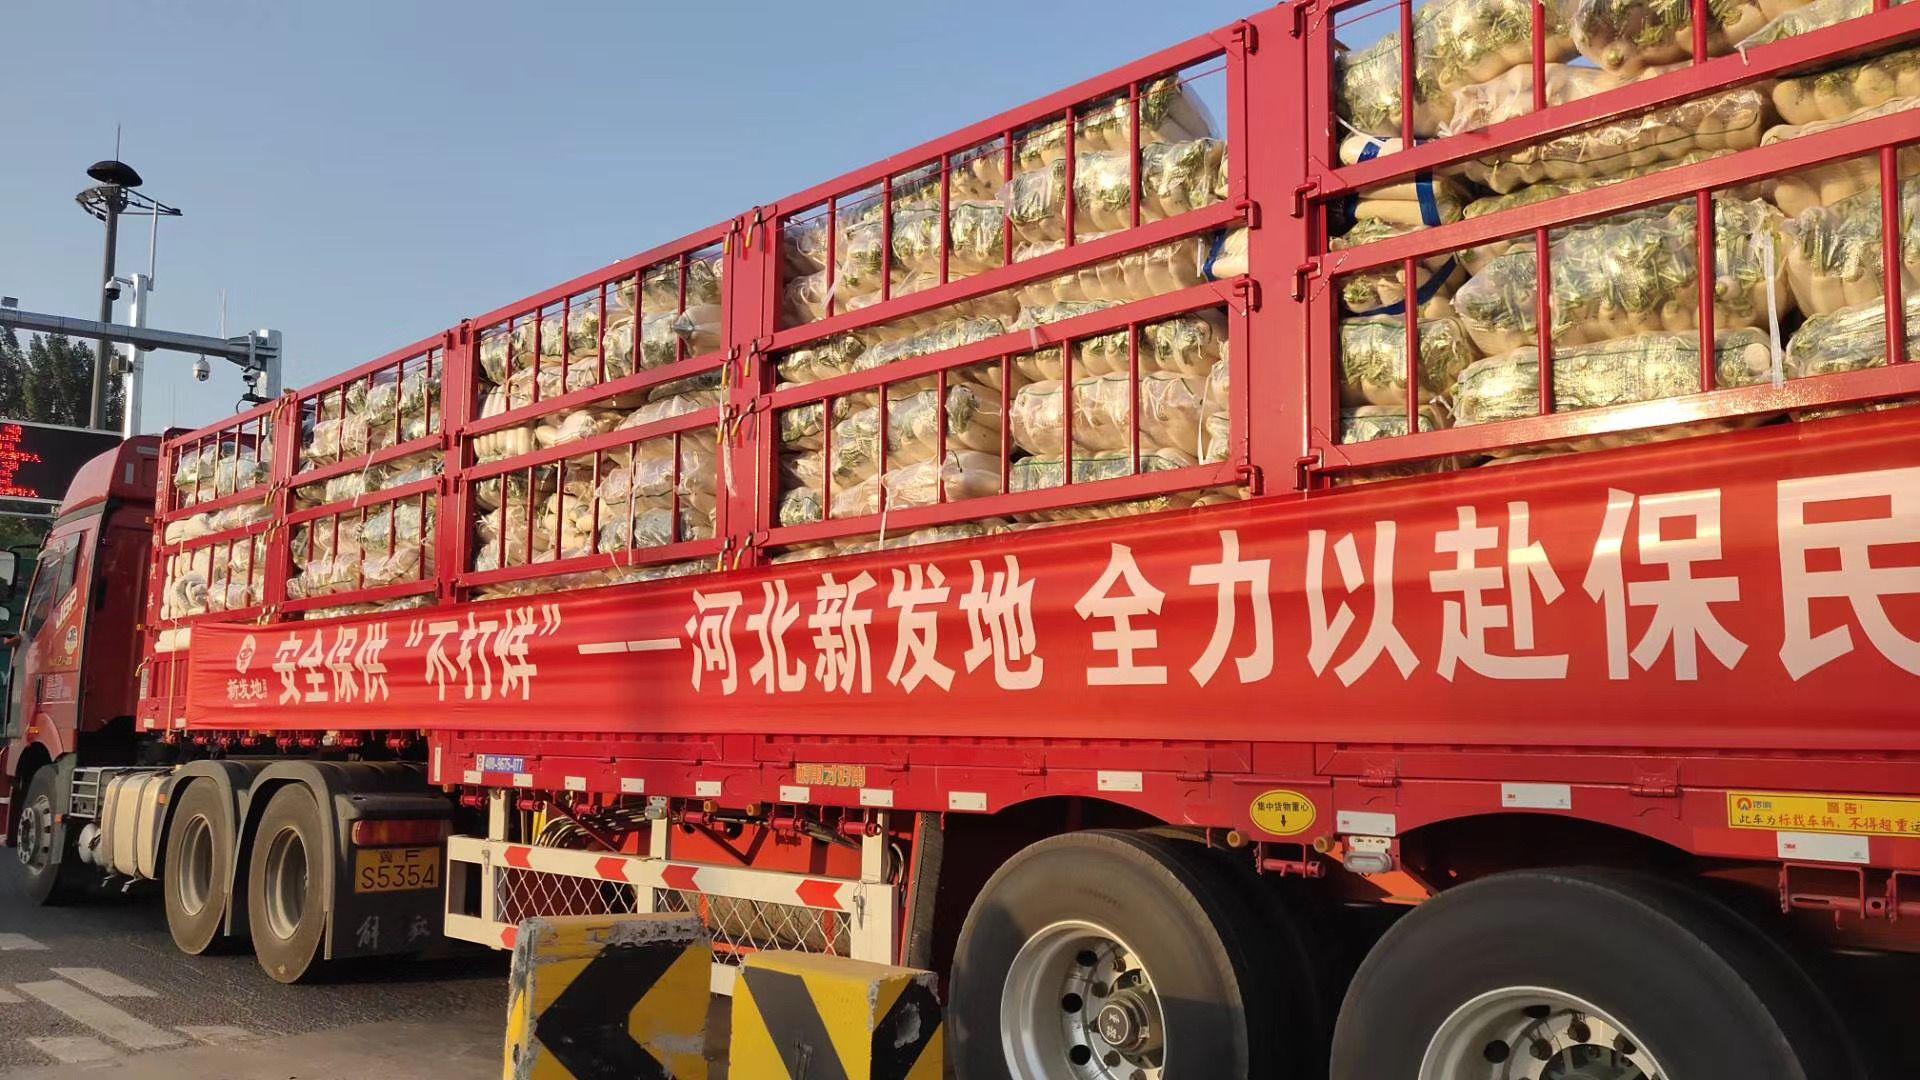 河北新发地首批150吨保供蔬菜,重要包罗白菜、圆白菜、土豆、洋葱、白萝卜、胡萝卜等品种。受访者供图